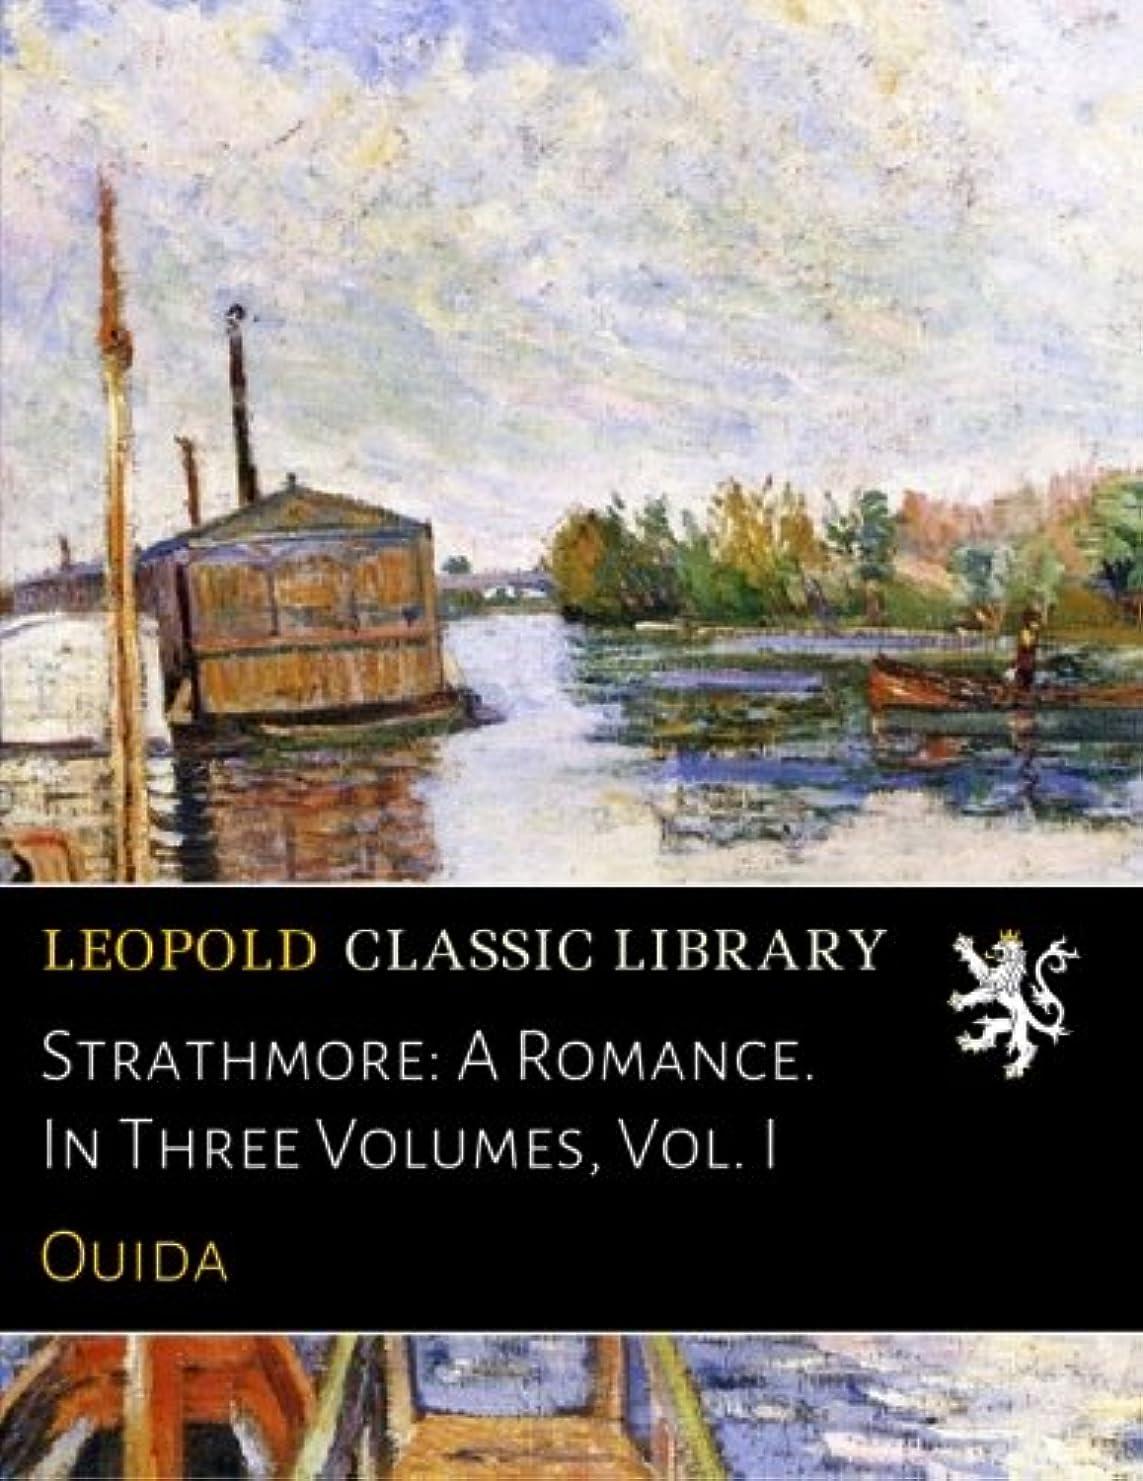 コンベンションマニアック治療Strathmore: A Romance. In Three Volumes, Vol. I